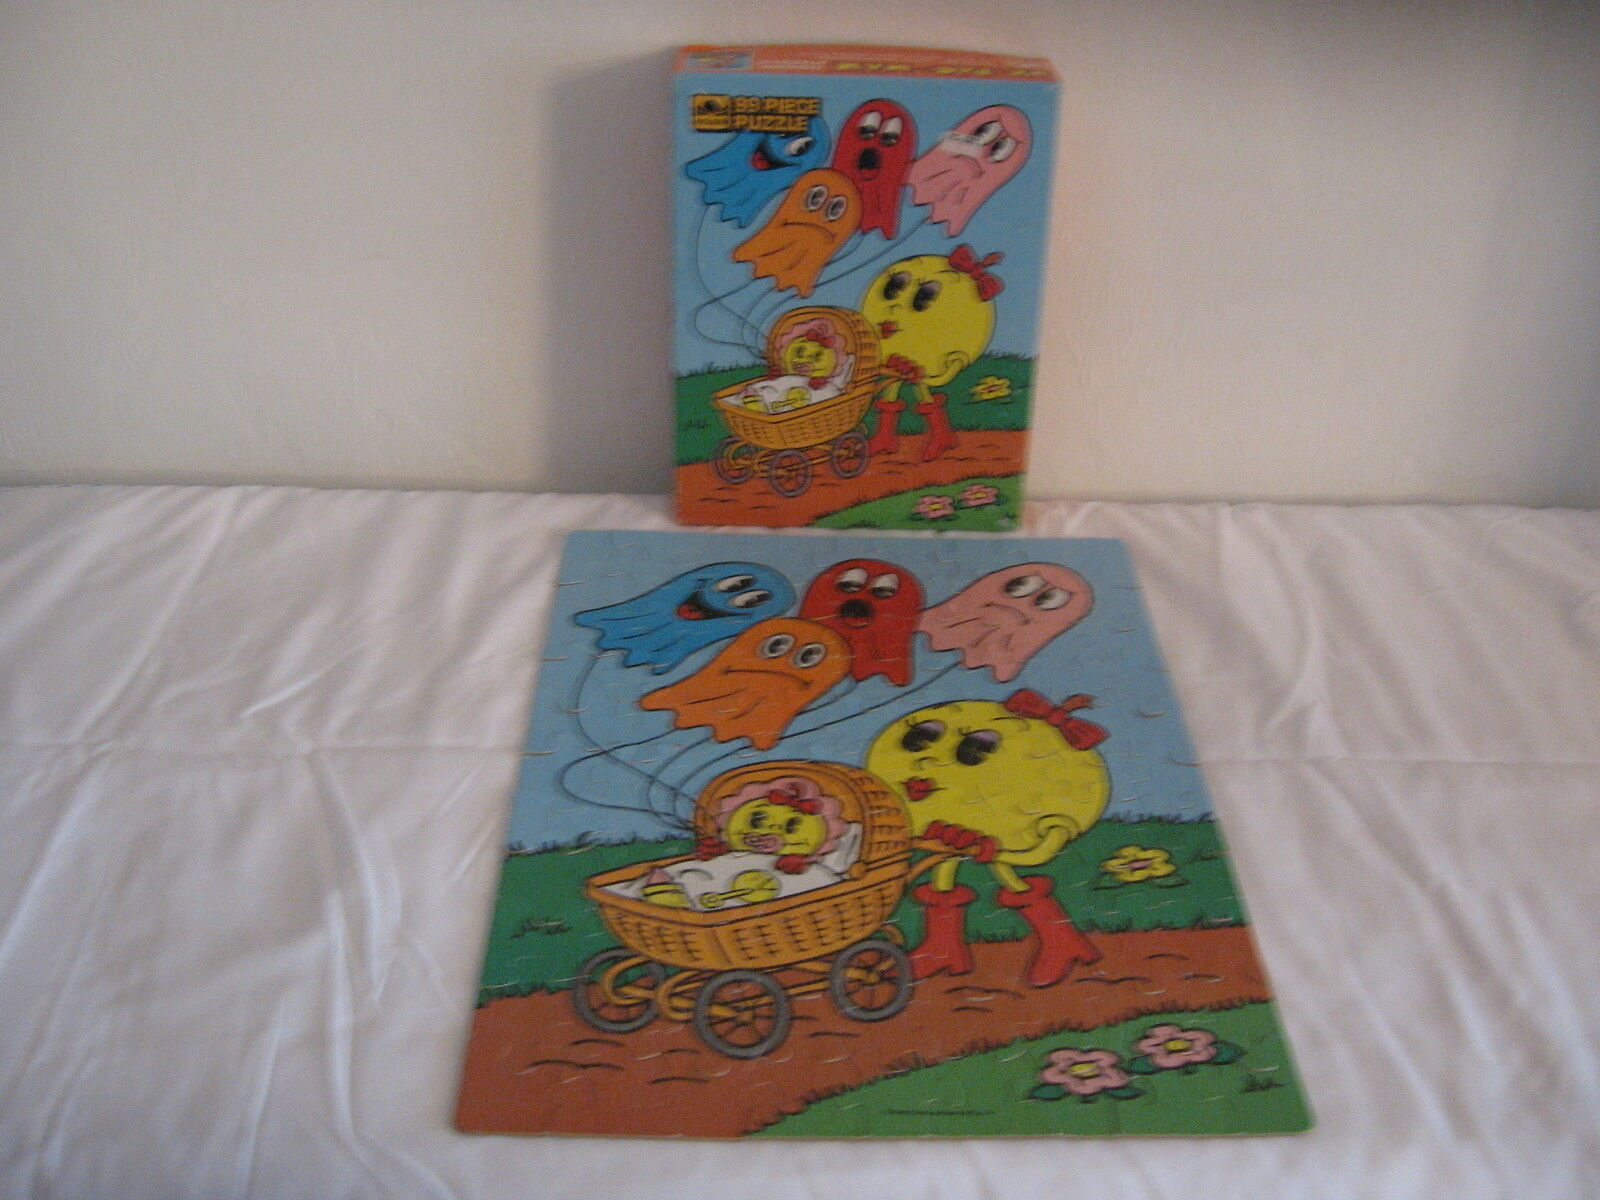 VINTAGE1982 PACMAN MS PACMAN PACMAN PACMAN     99pc PUZZLE COMPLETE      RARE     e9f83f